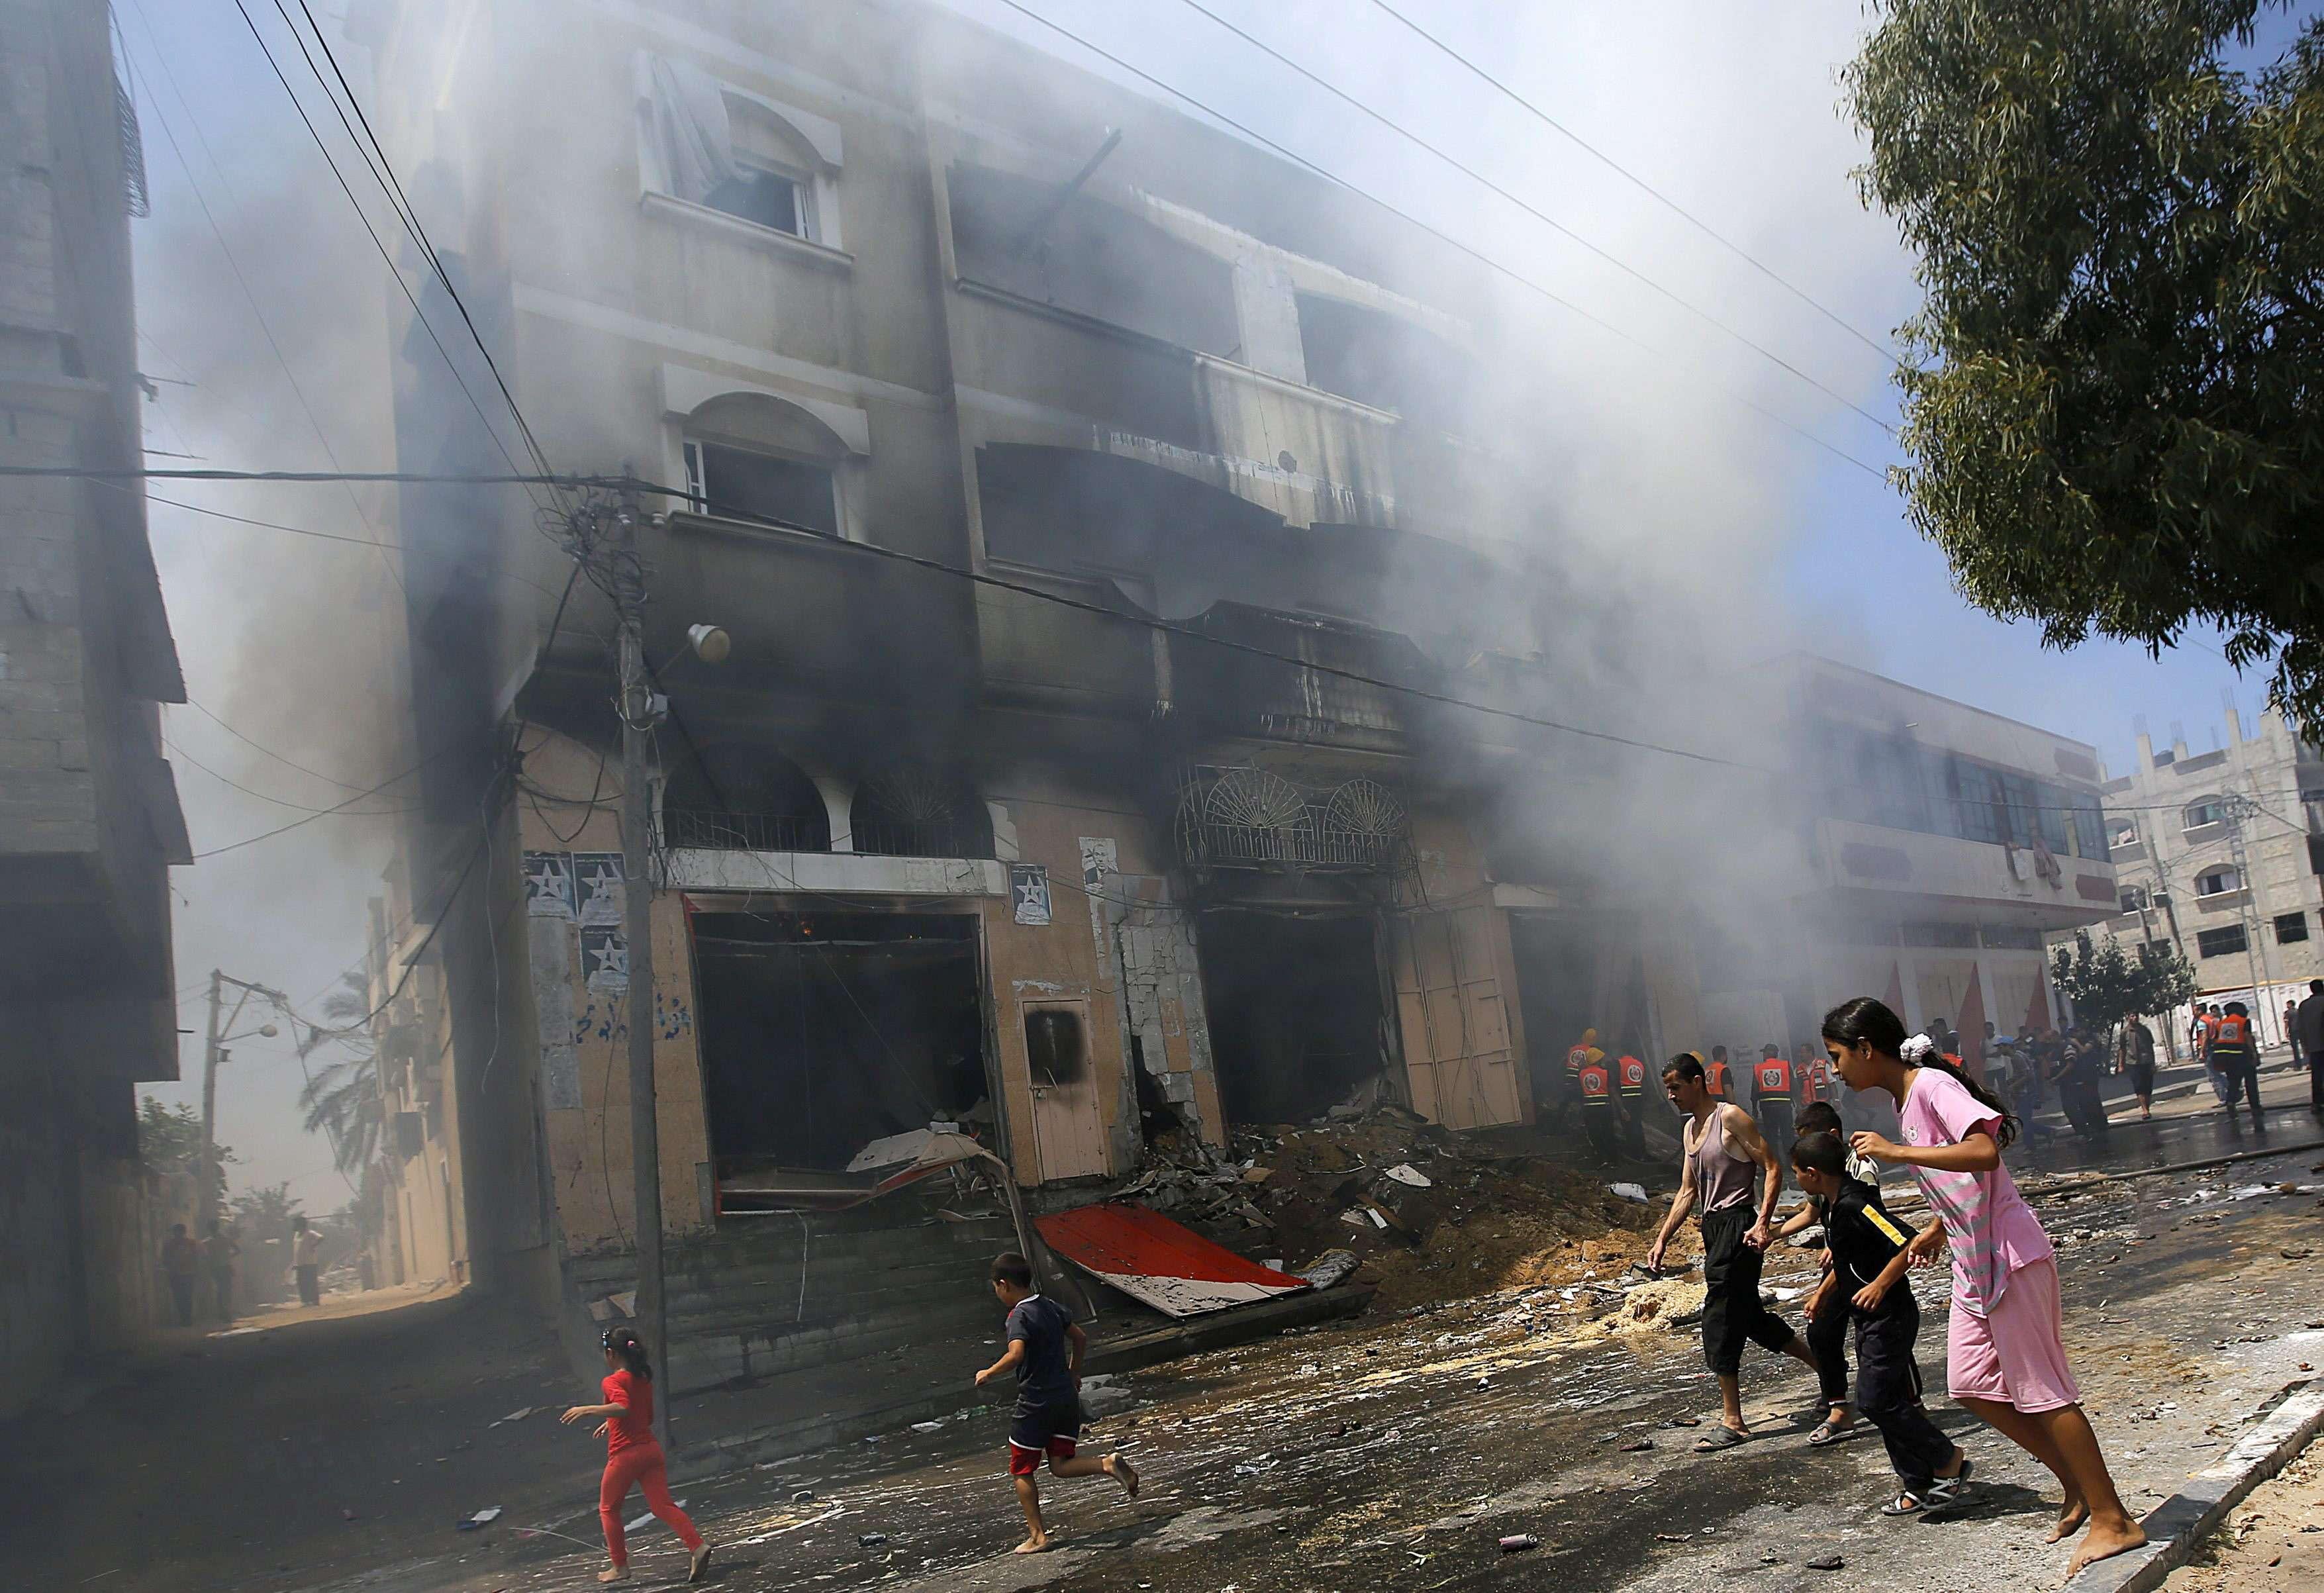 Niños palestinos huyen de sus casas tras un ataque de Israel, hoy en la localidad de Gaza. Foto: EFE